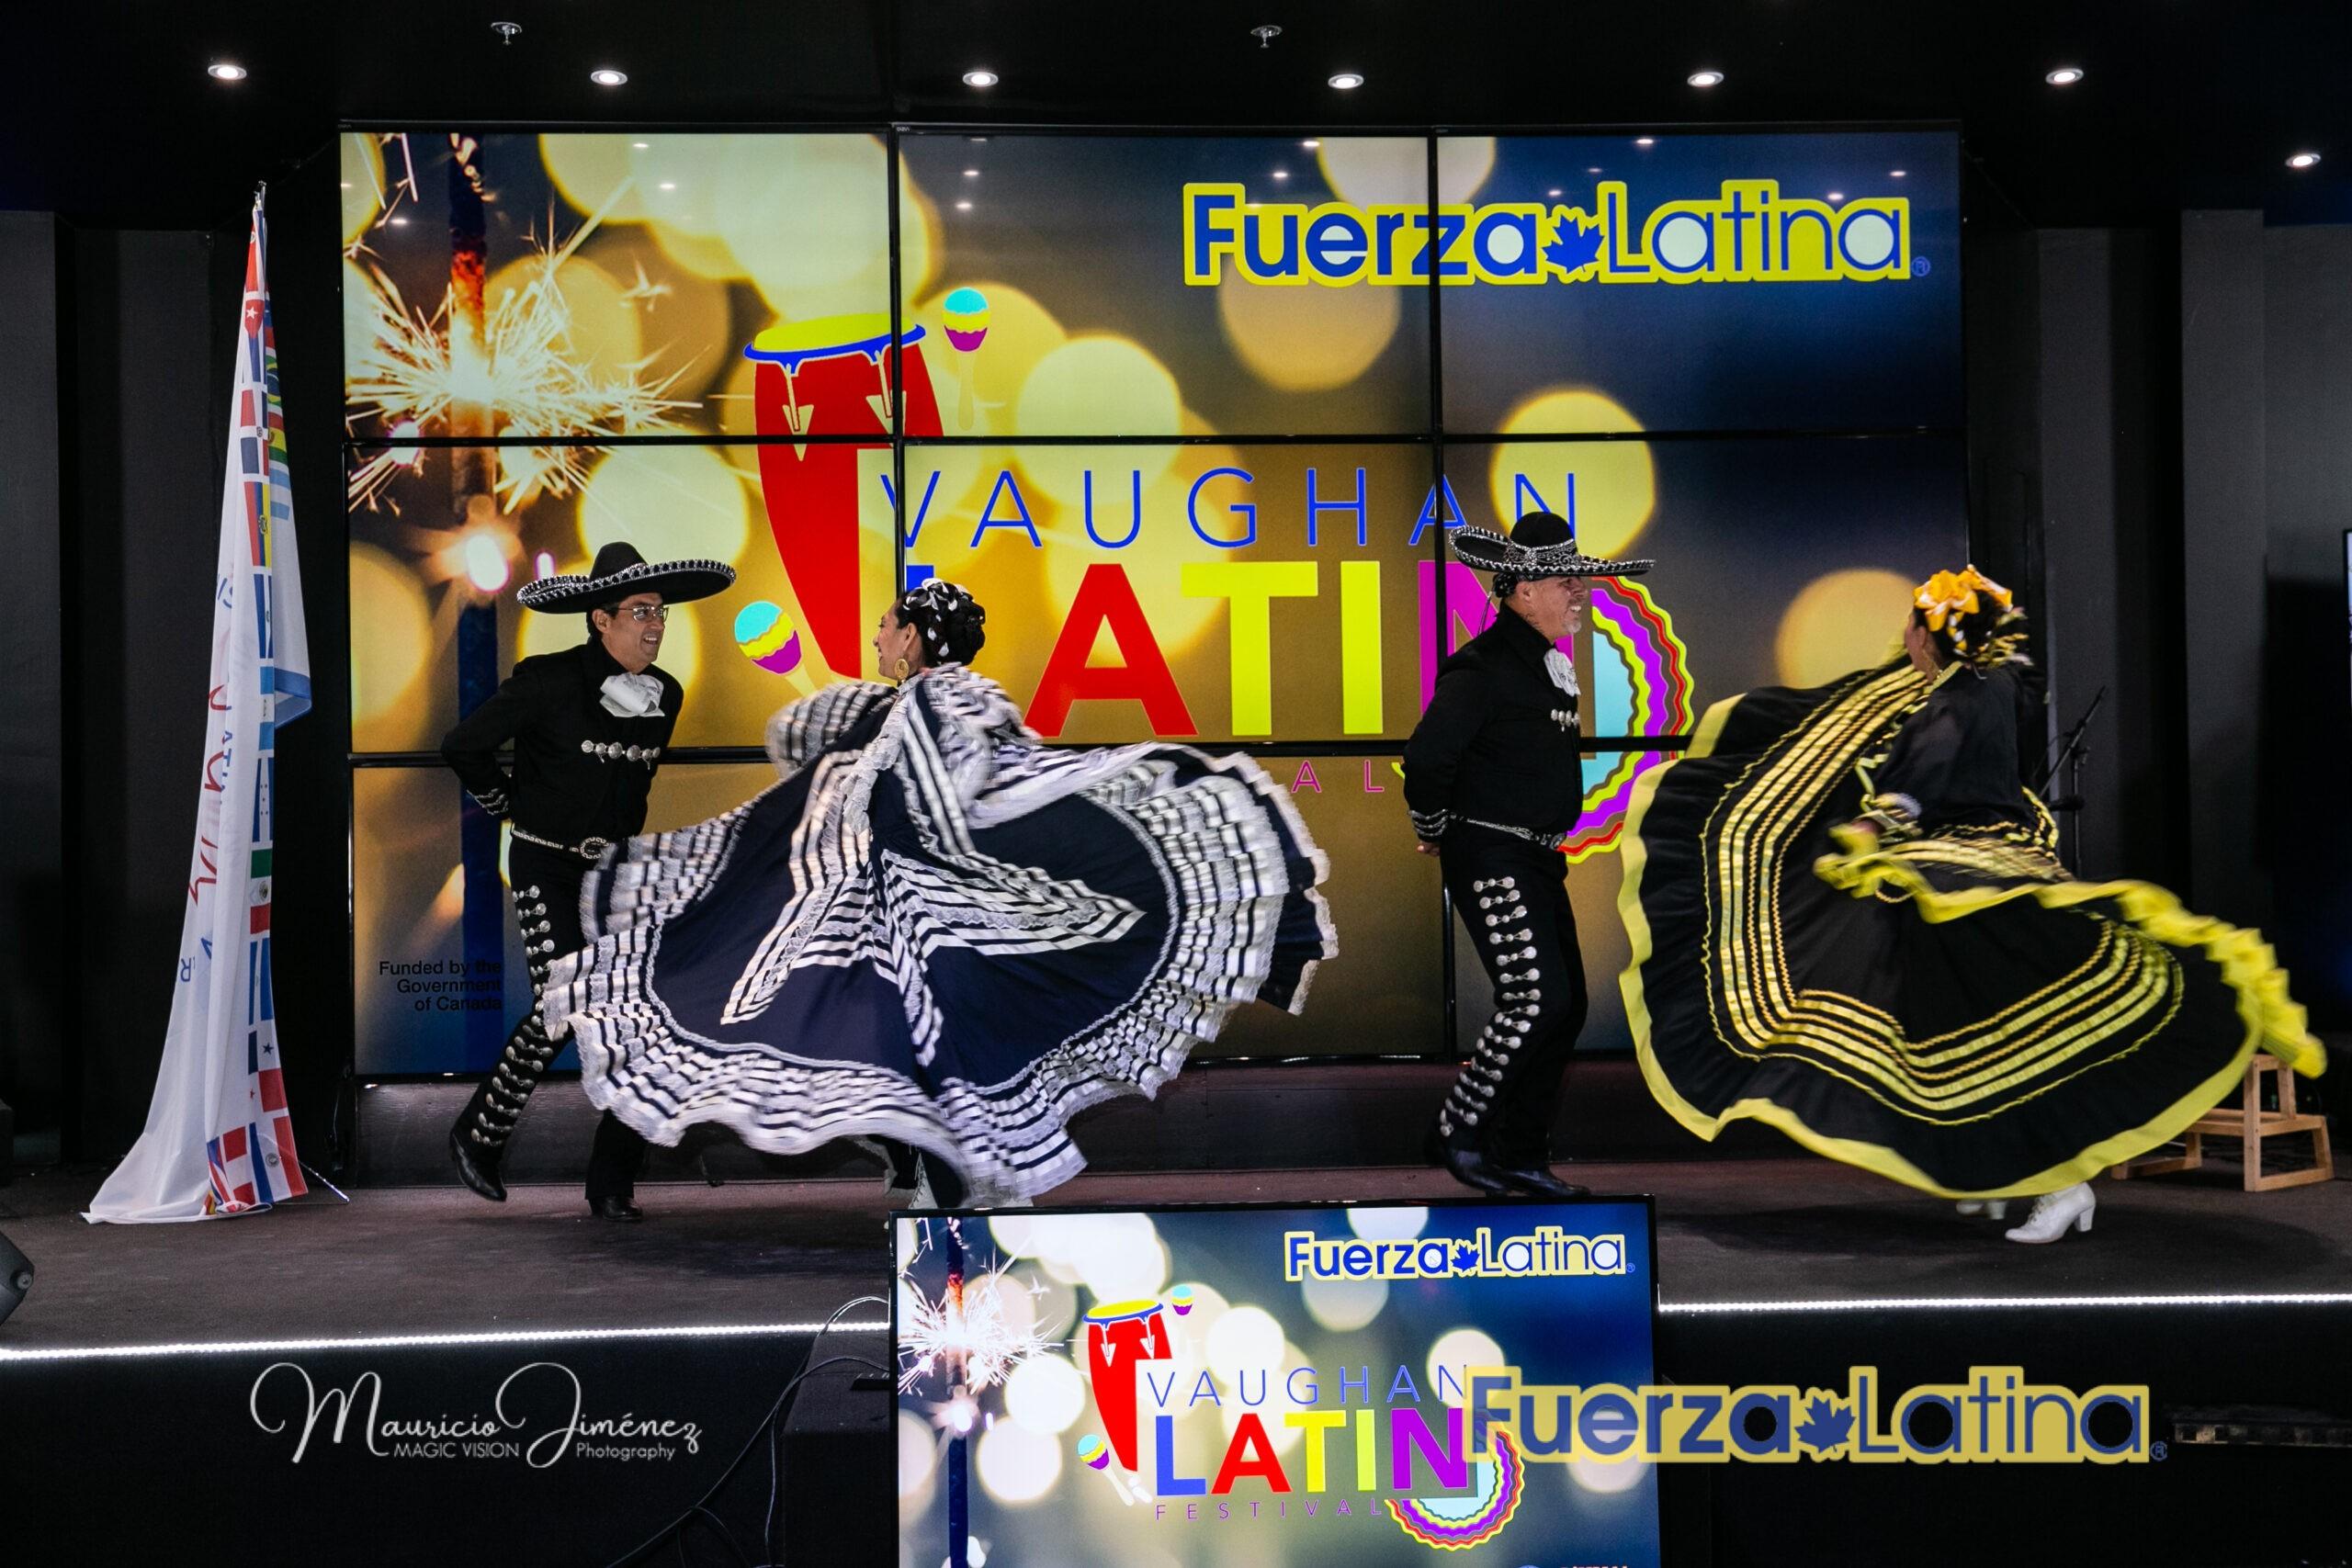 Magic_Vision-Fuerza_Latina-2020-09-19_075